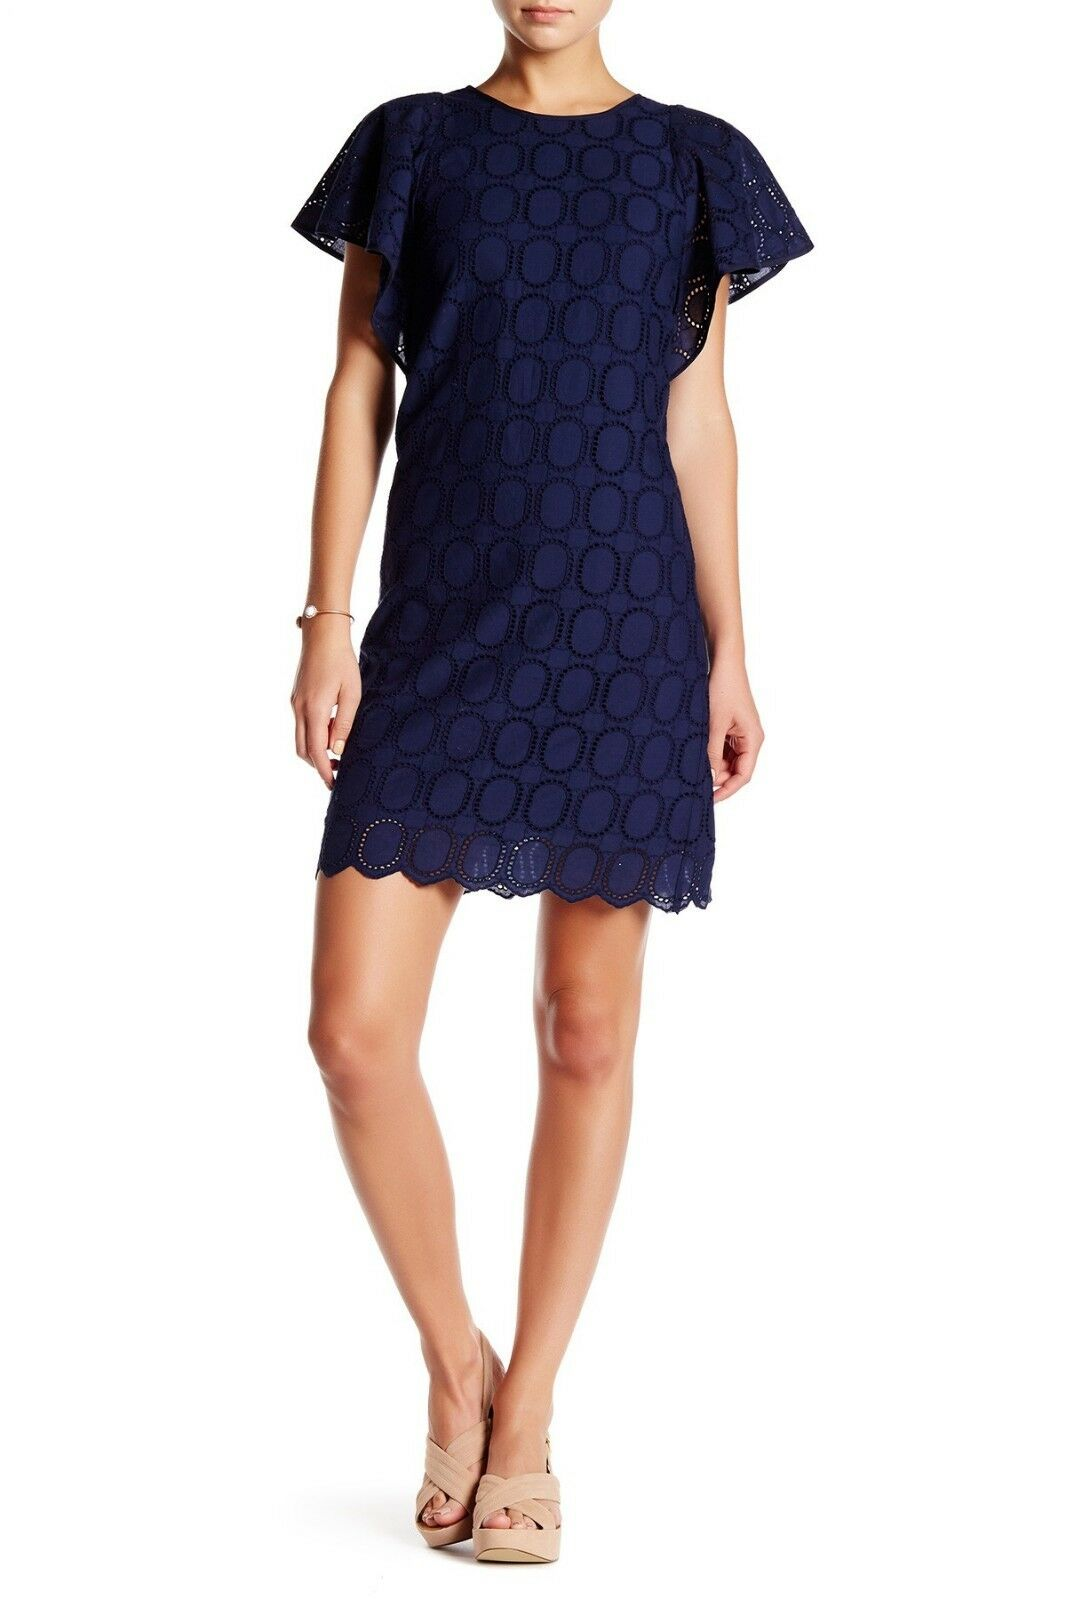 0b91396d J.CREW Flutter Sleeve Crochet Navy Scalloped Eyelet Shift Dress Style F0982